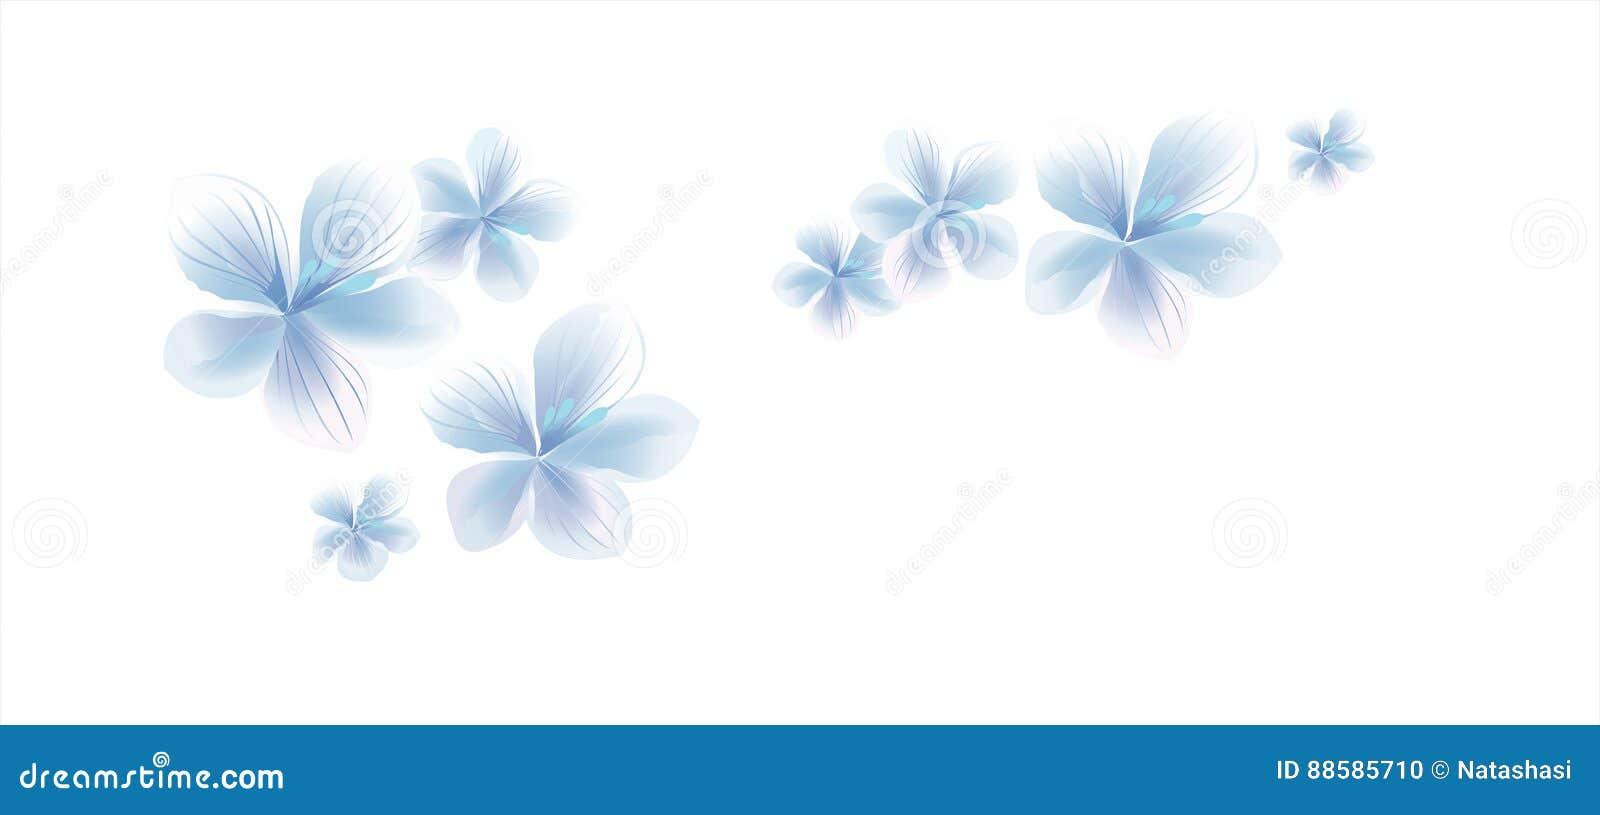 Fiori Bianchi Volanti.Fiori Bianchi Blu Chiaro Volanti Su Fondo Bianco Fiori Dell Apple